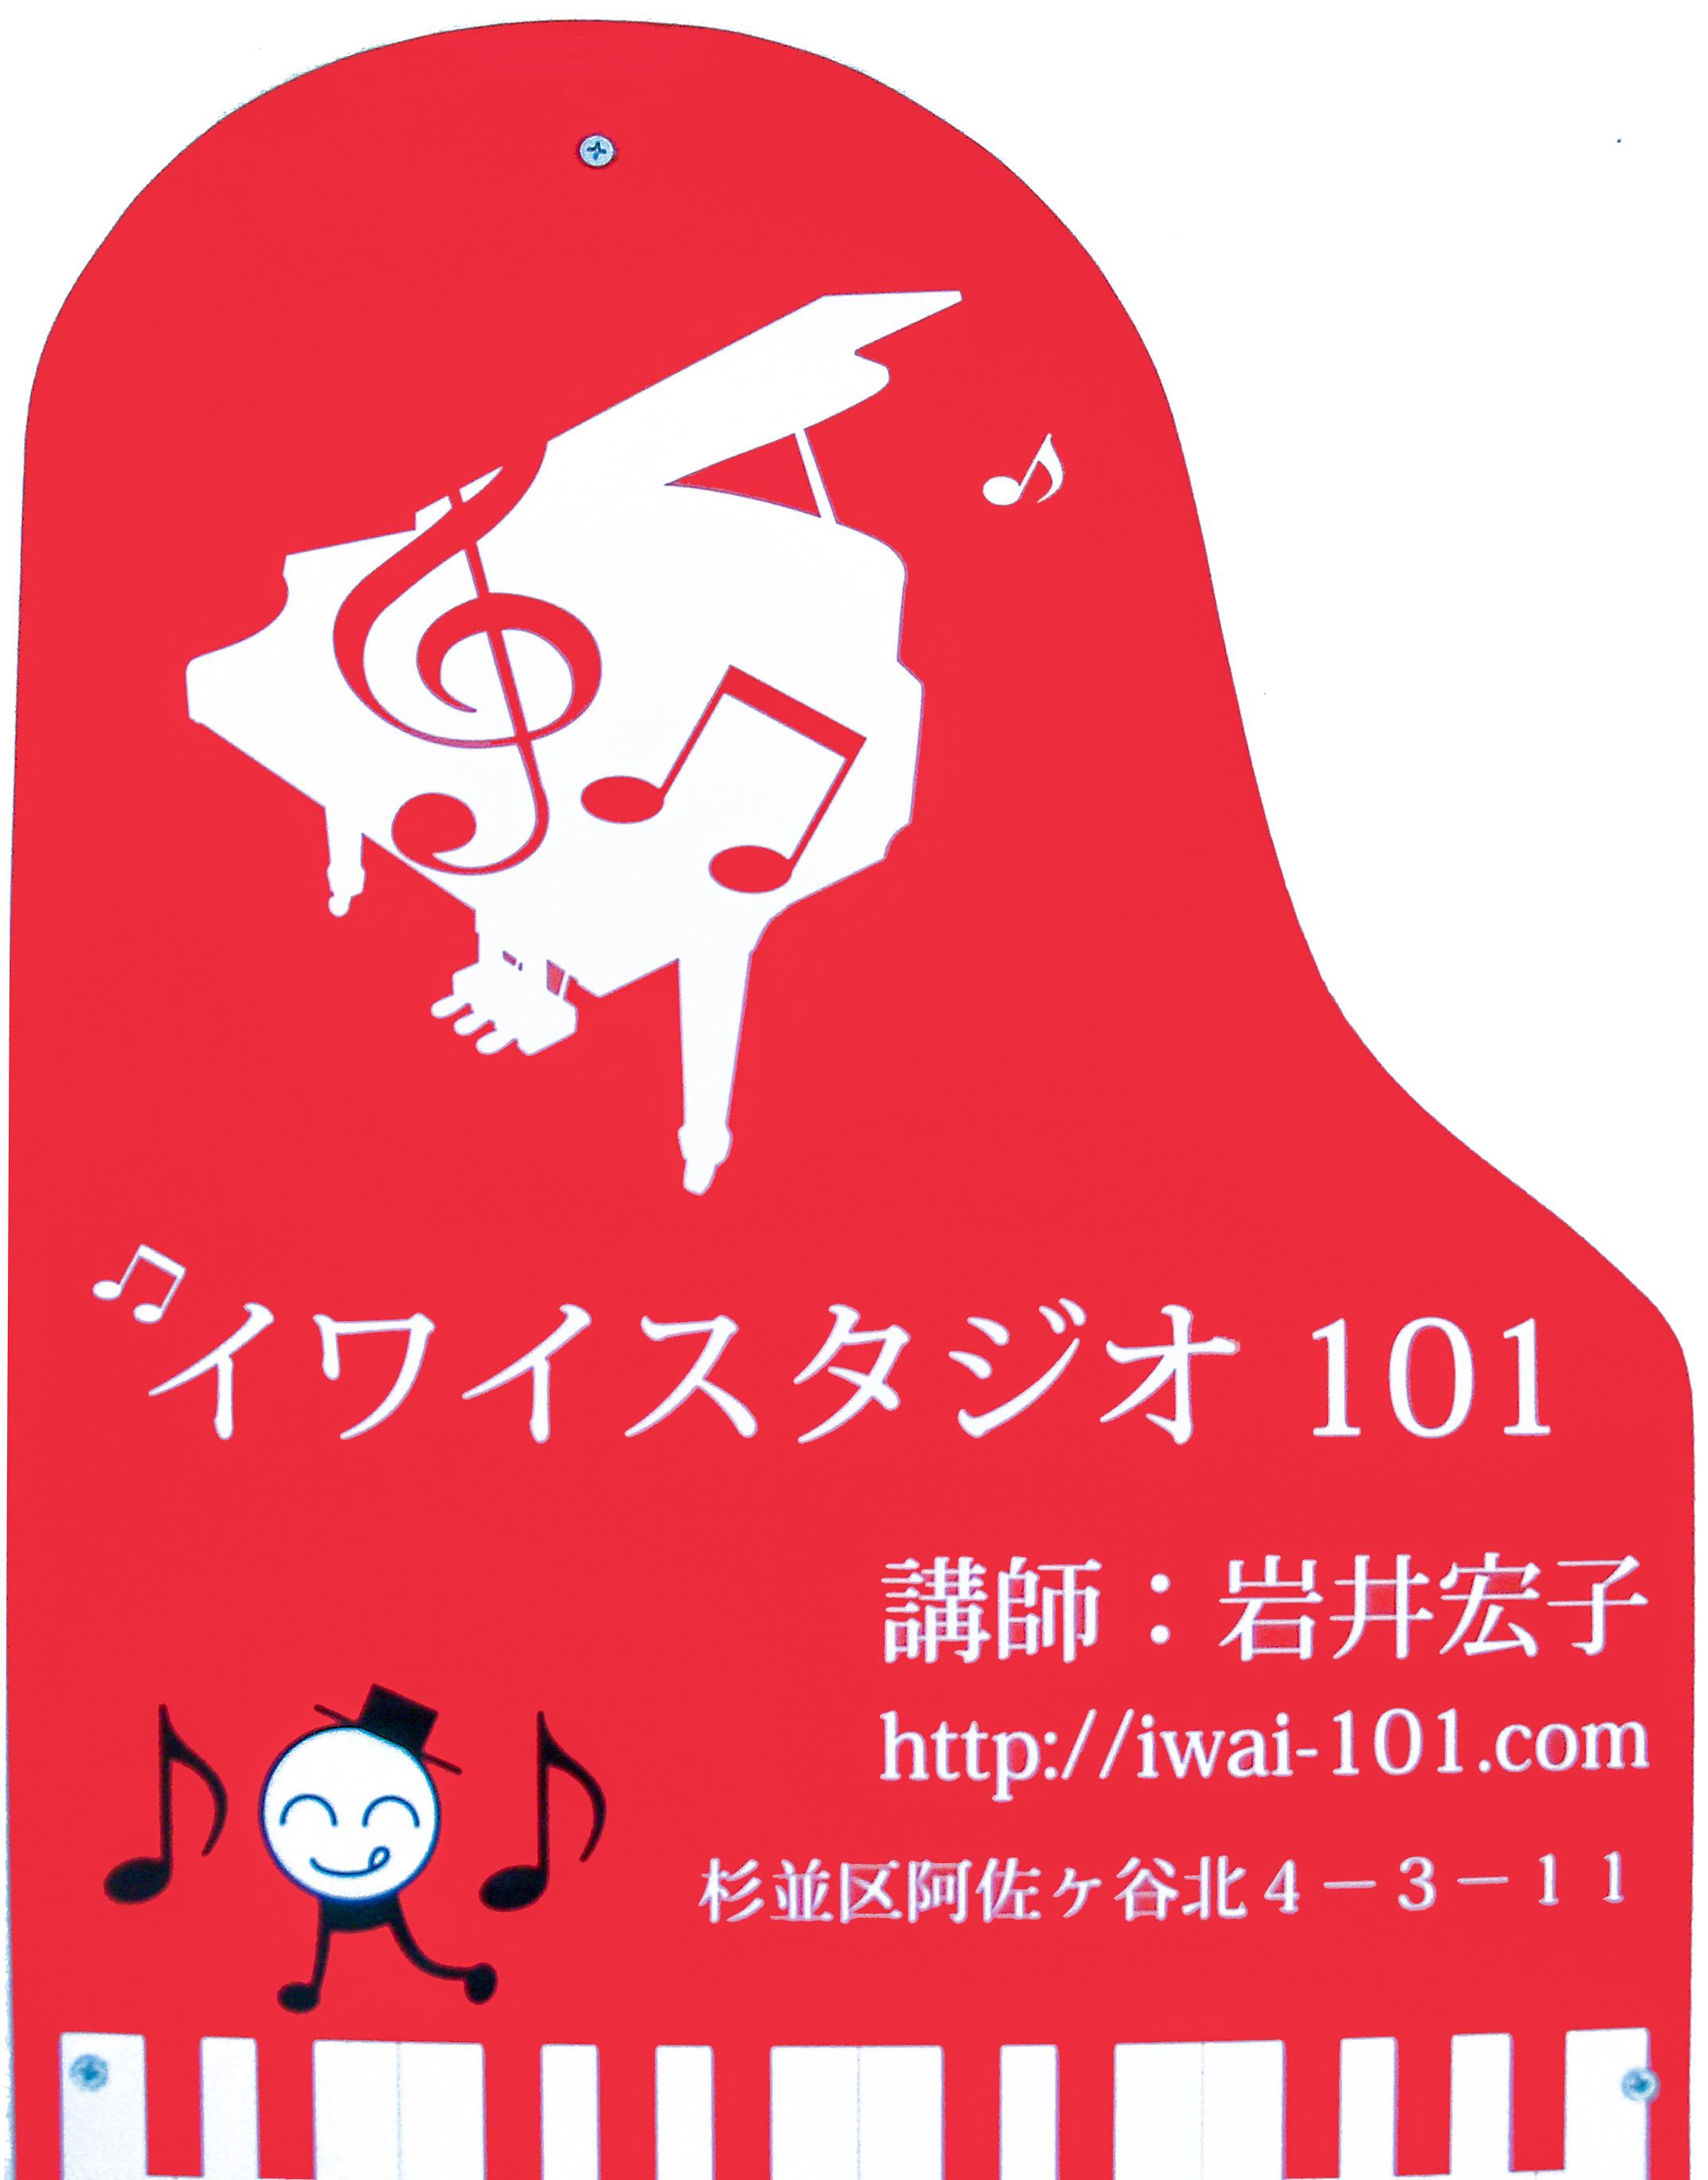 阿佐谷のピアノ教室【イワイスタジオ101】